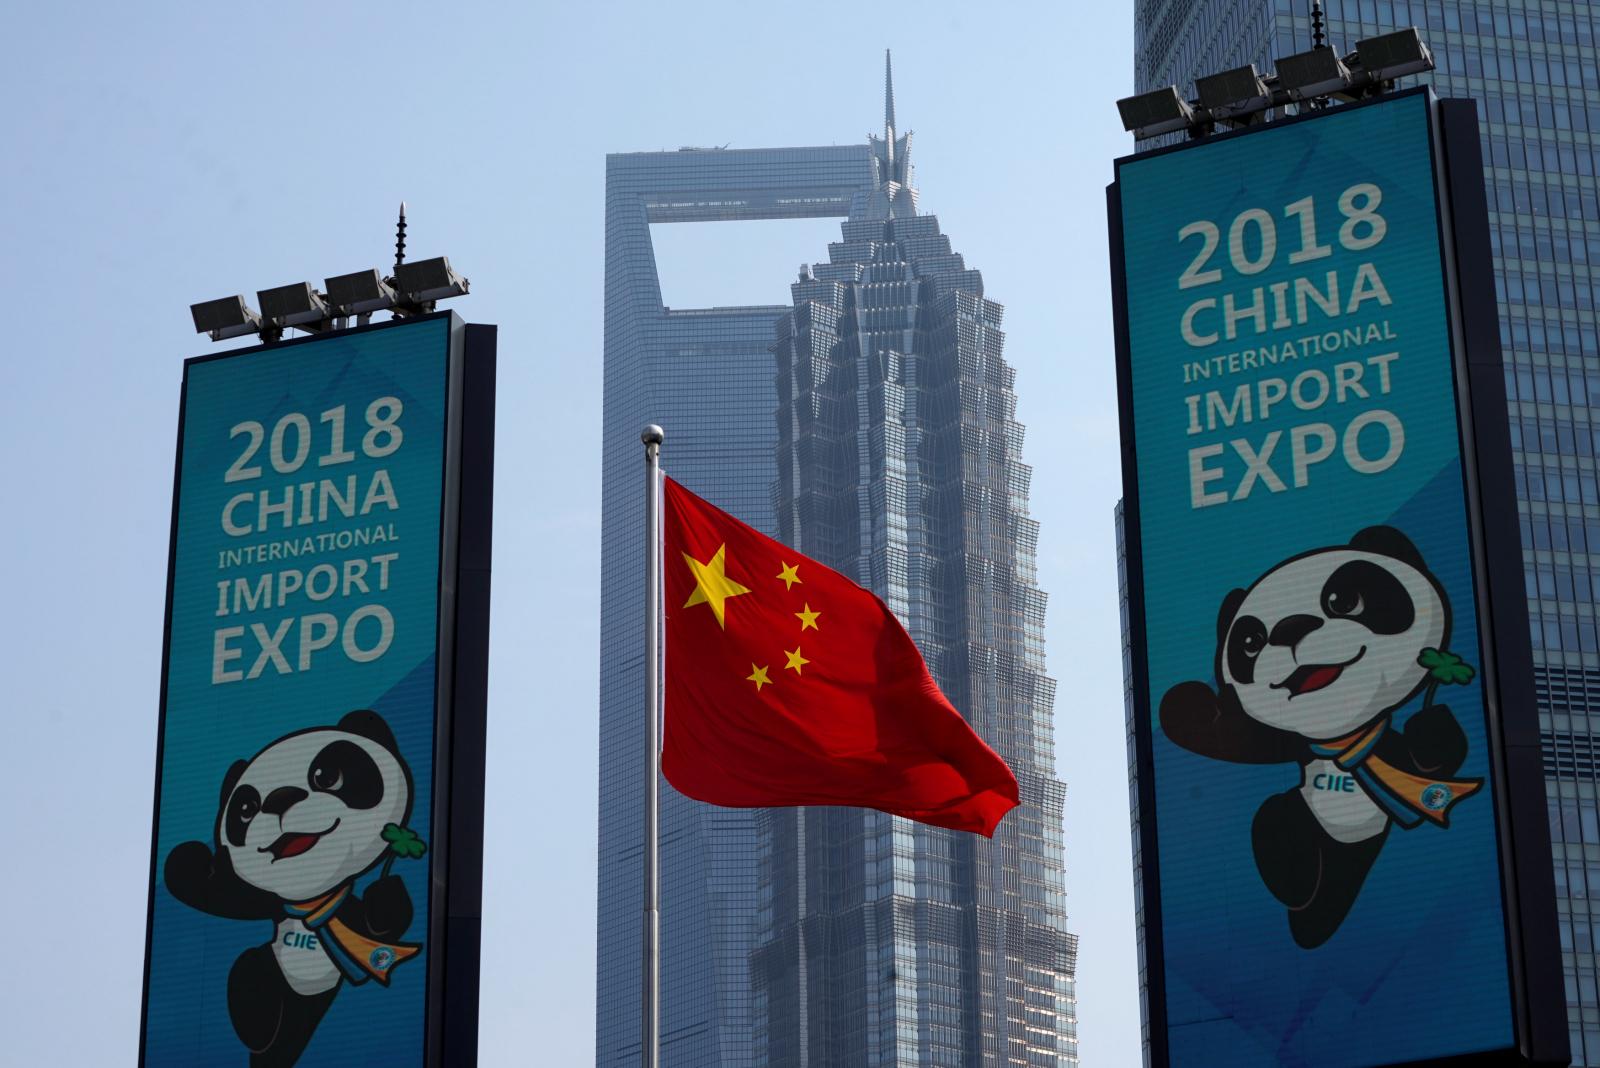 China trade exports